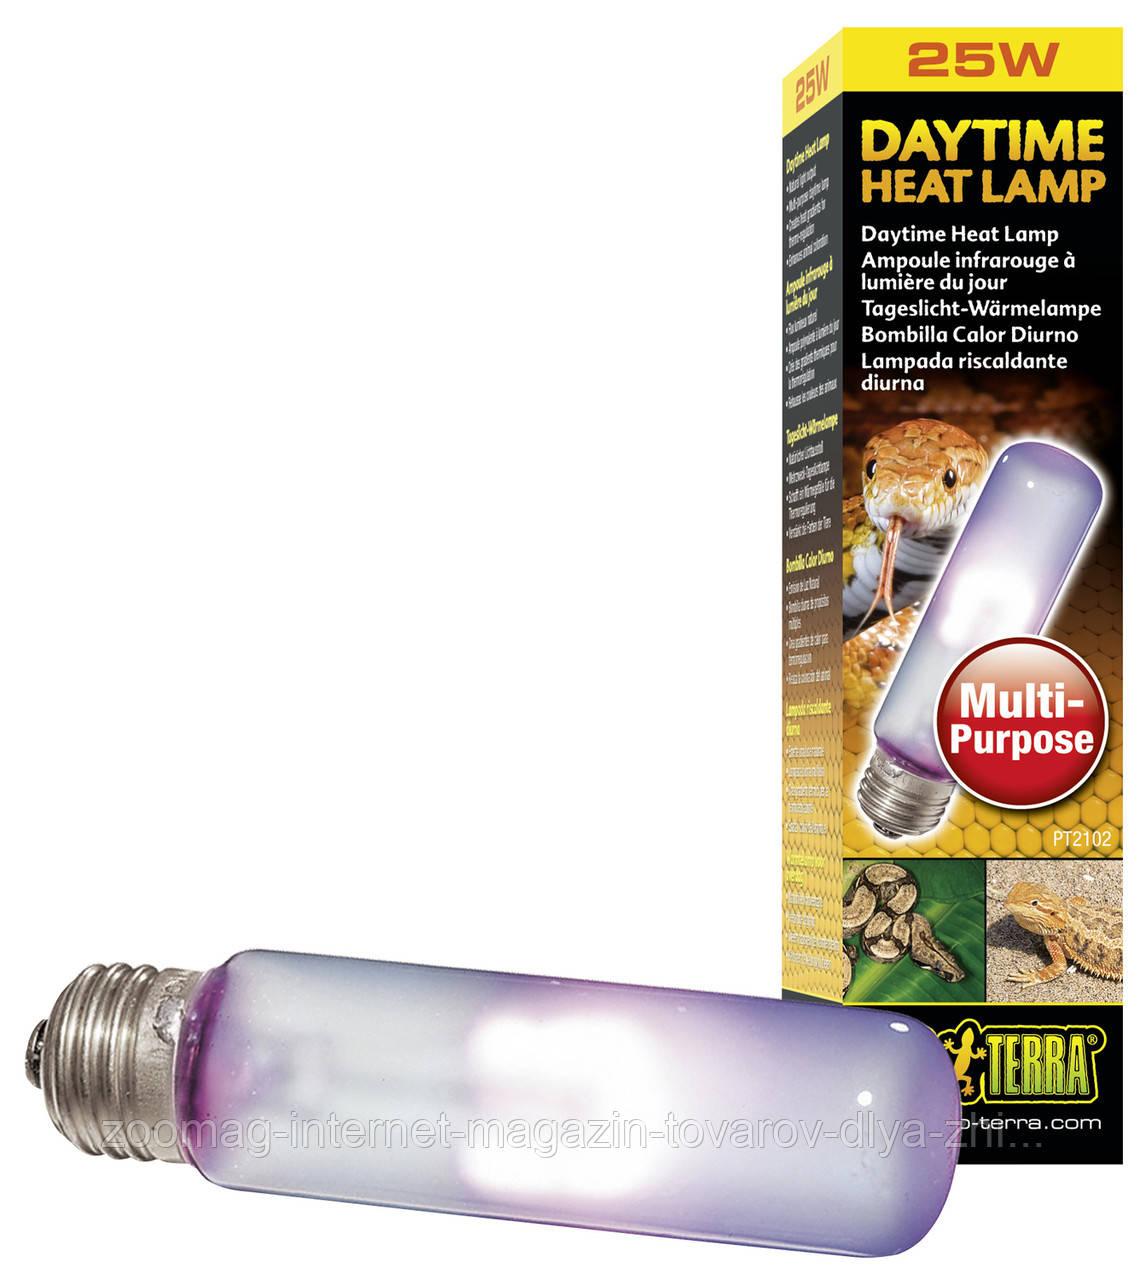 """Лампа дневного света неоновая для террариума (T10/25W) """"Exo Terra Deatime Heat Lamp"""""""